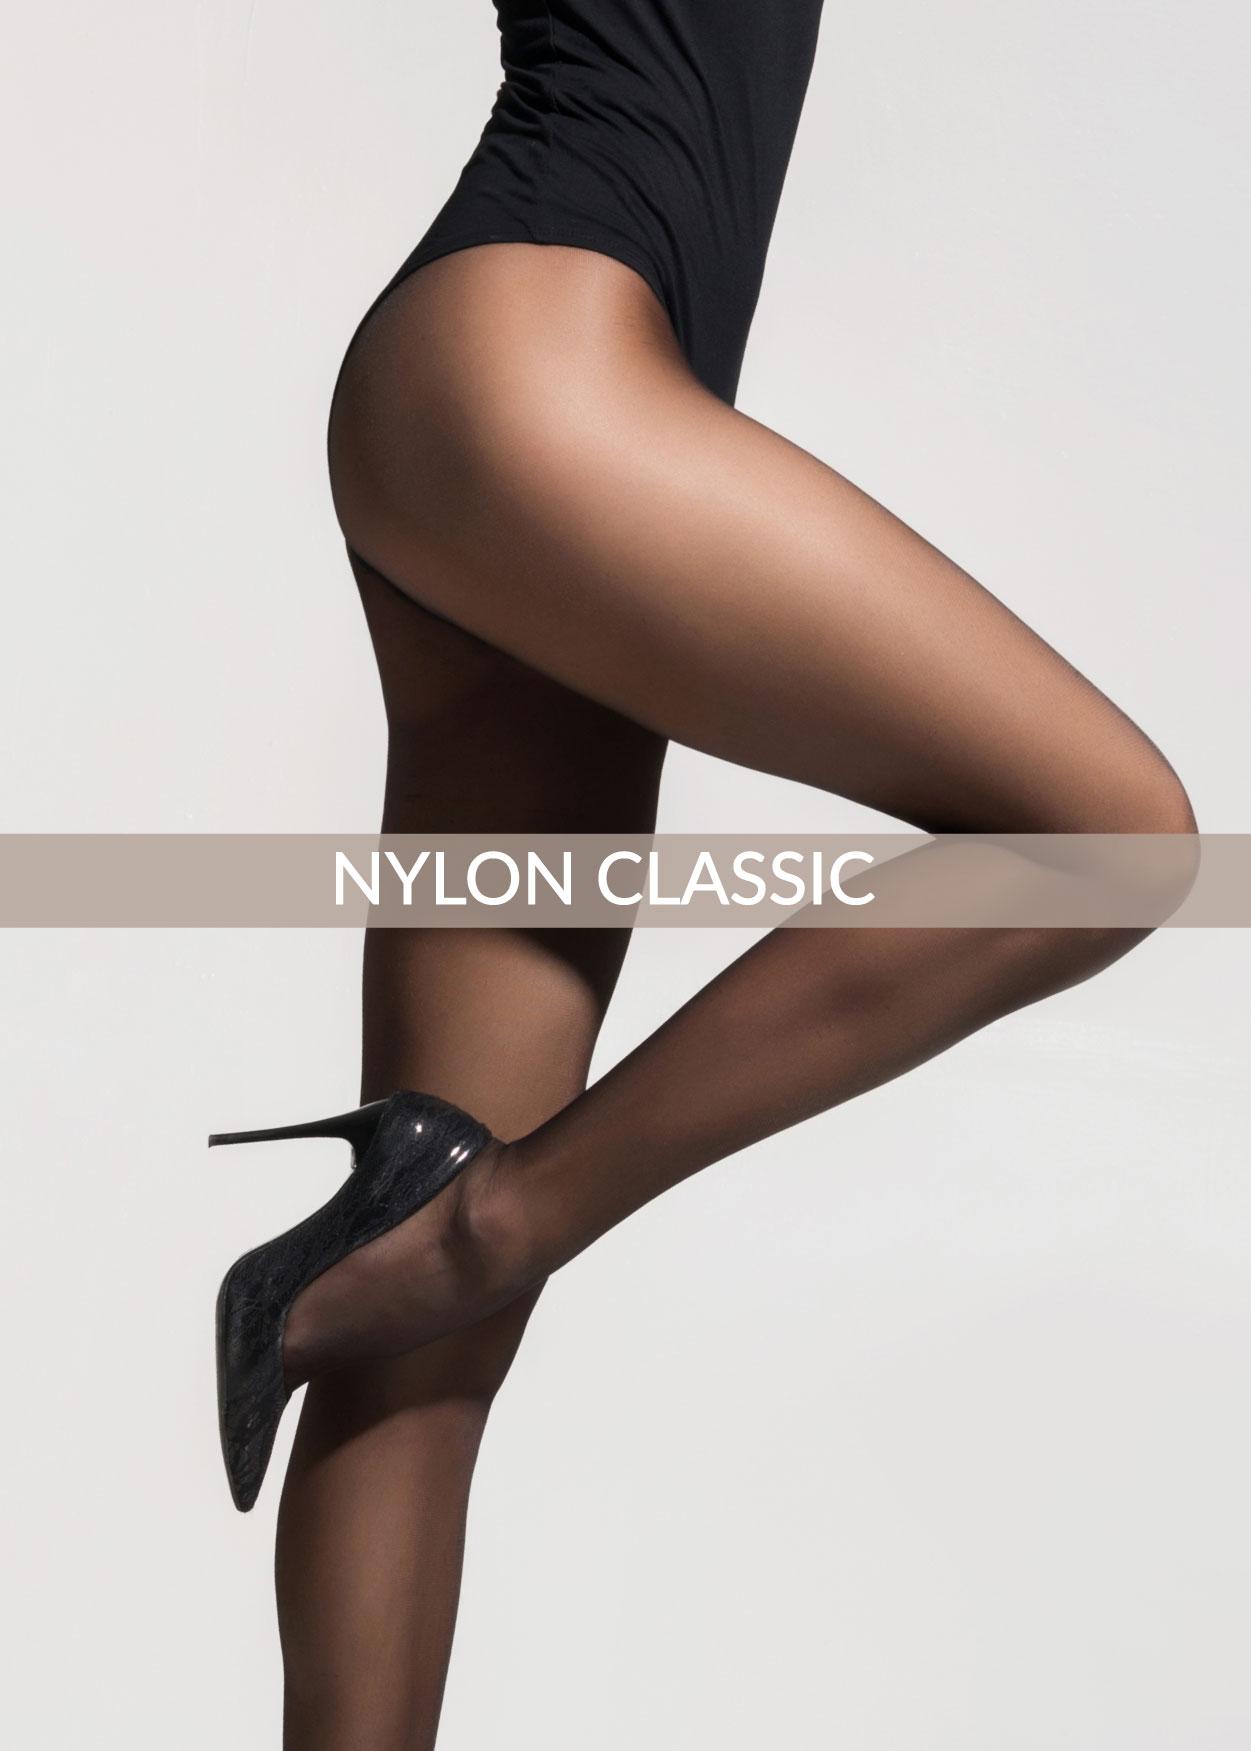 Nylon Classic